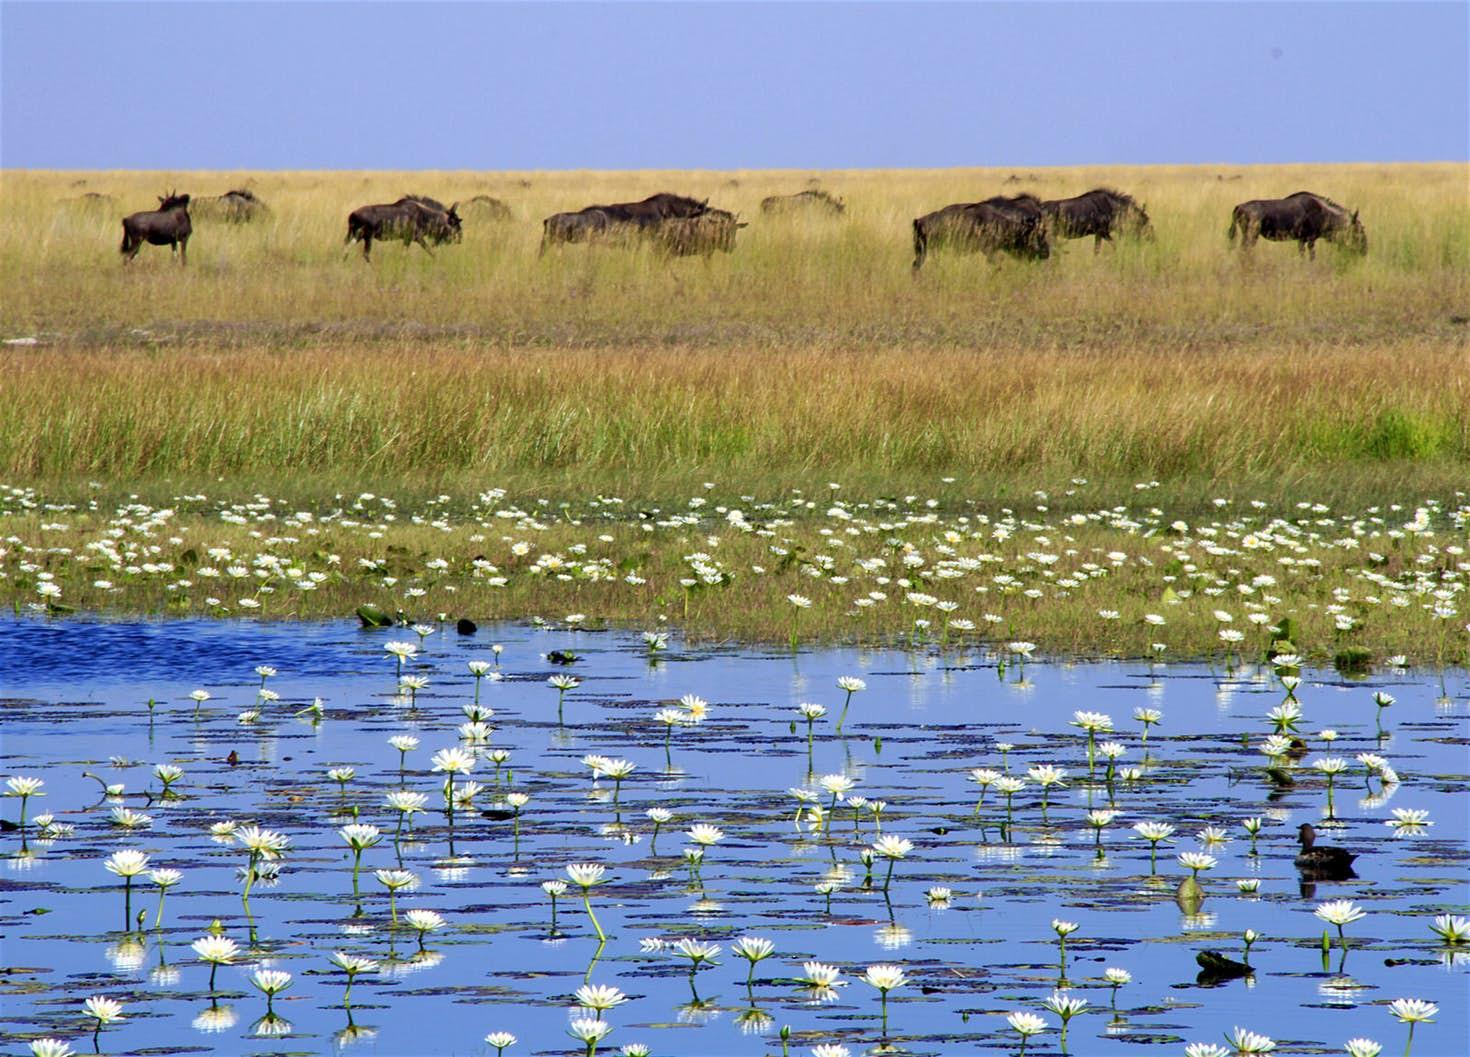 Ghé thăm vùng đất lý tưởng cho các nhiếp ảnh gia thiên nhiên hoang dã: Quê hương của một con sư tử huyền thoại - Ảnh 1.